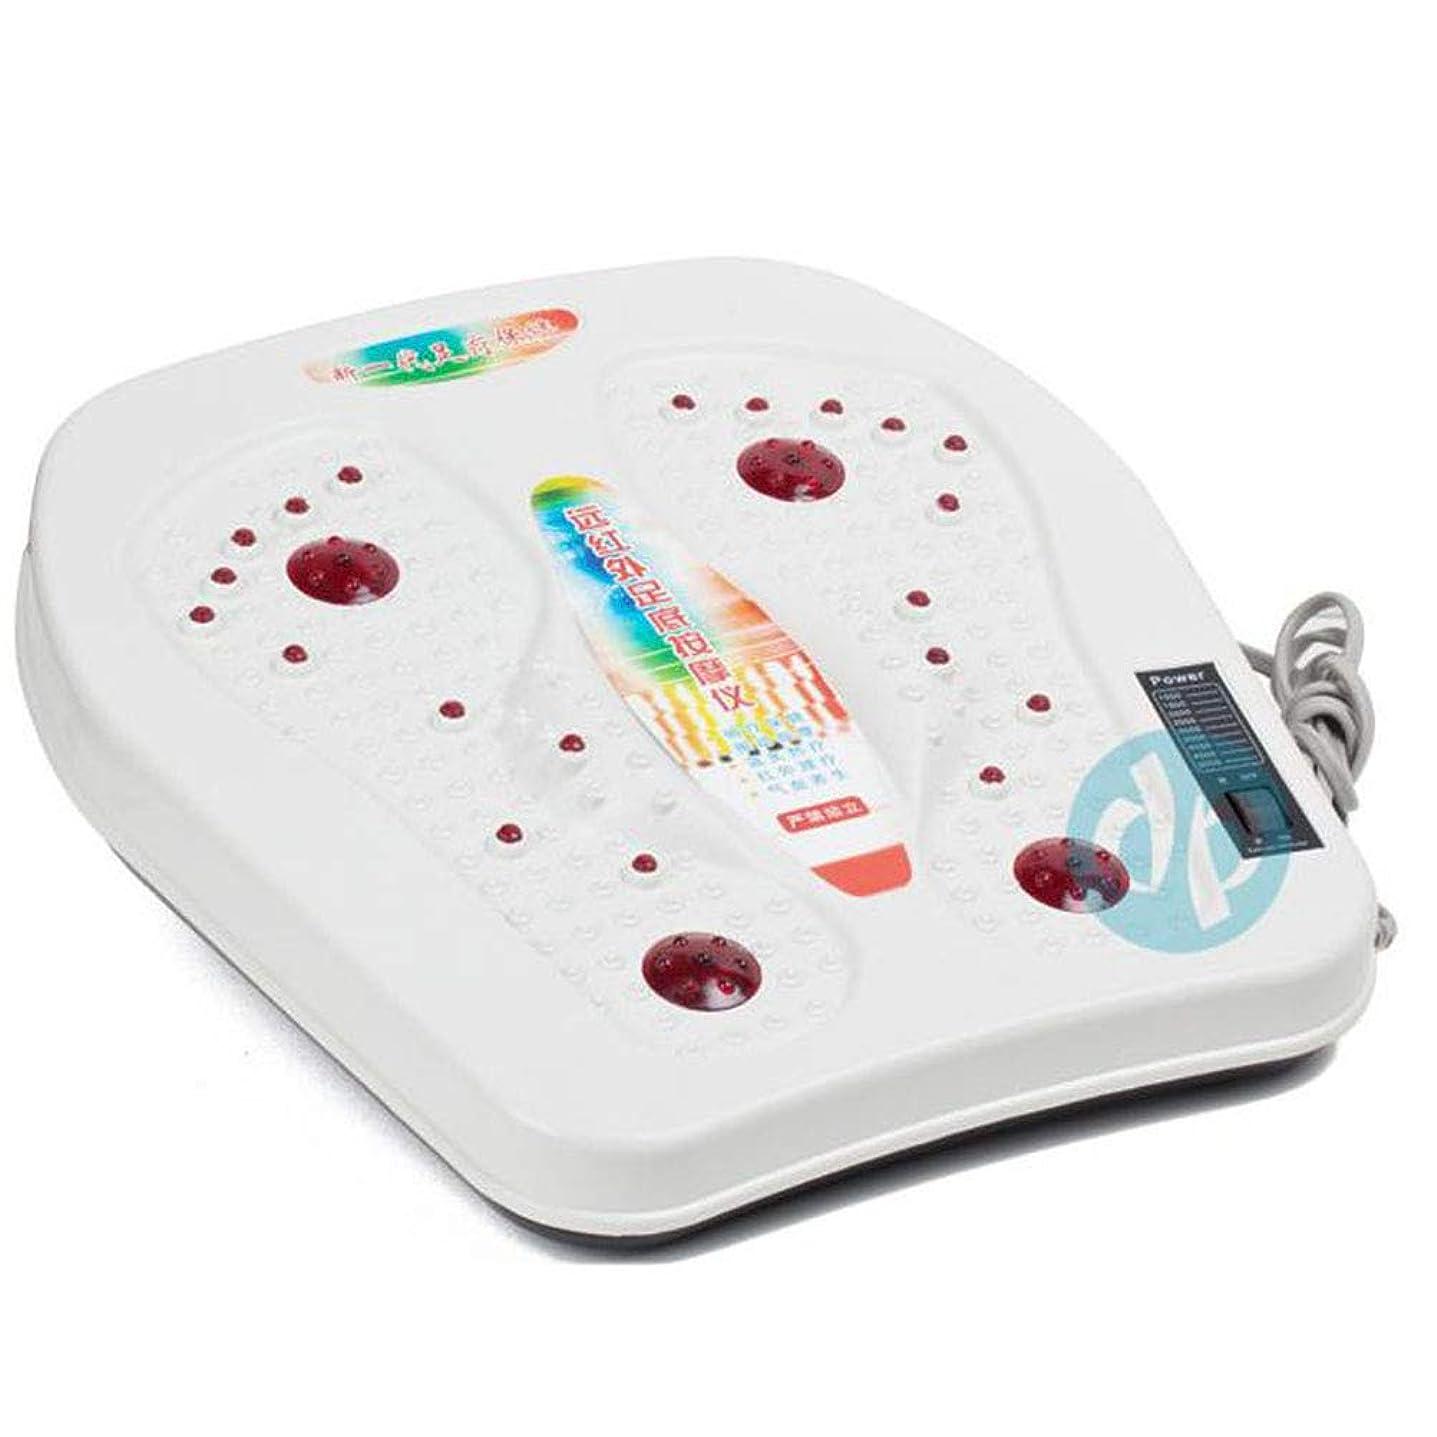 愛されし者力アルプス調整可能 足のマッサージ機、足指のマッサージと家庭でのストレス解消のための電気指圧式フットマッサージャー、オフィス リラックス, white